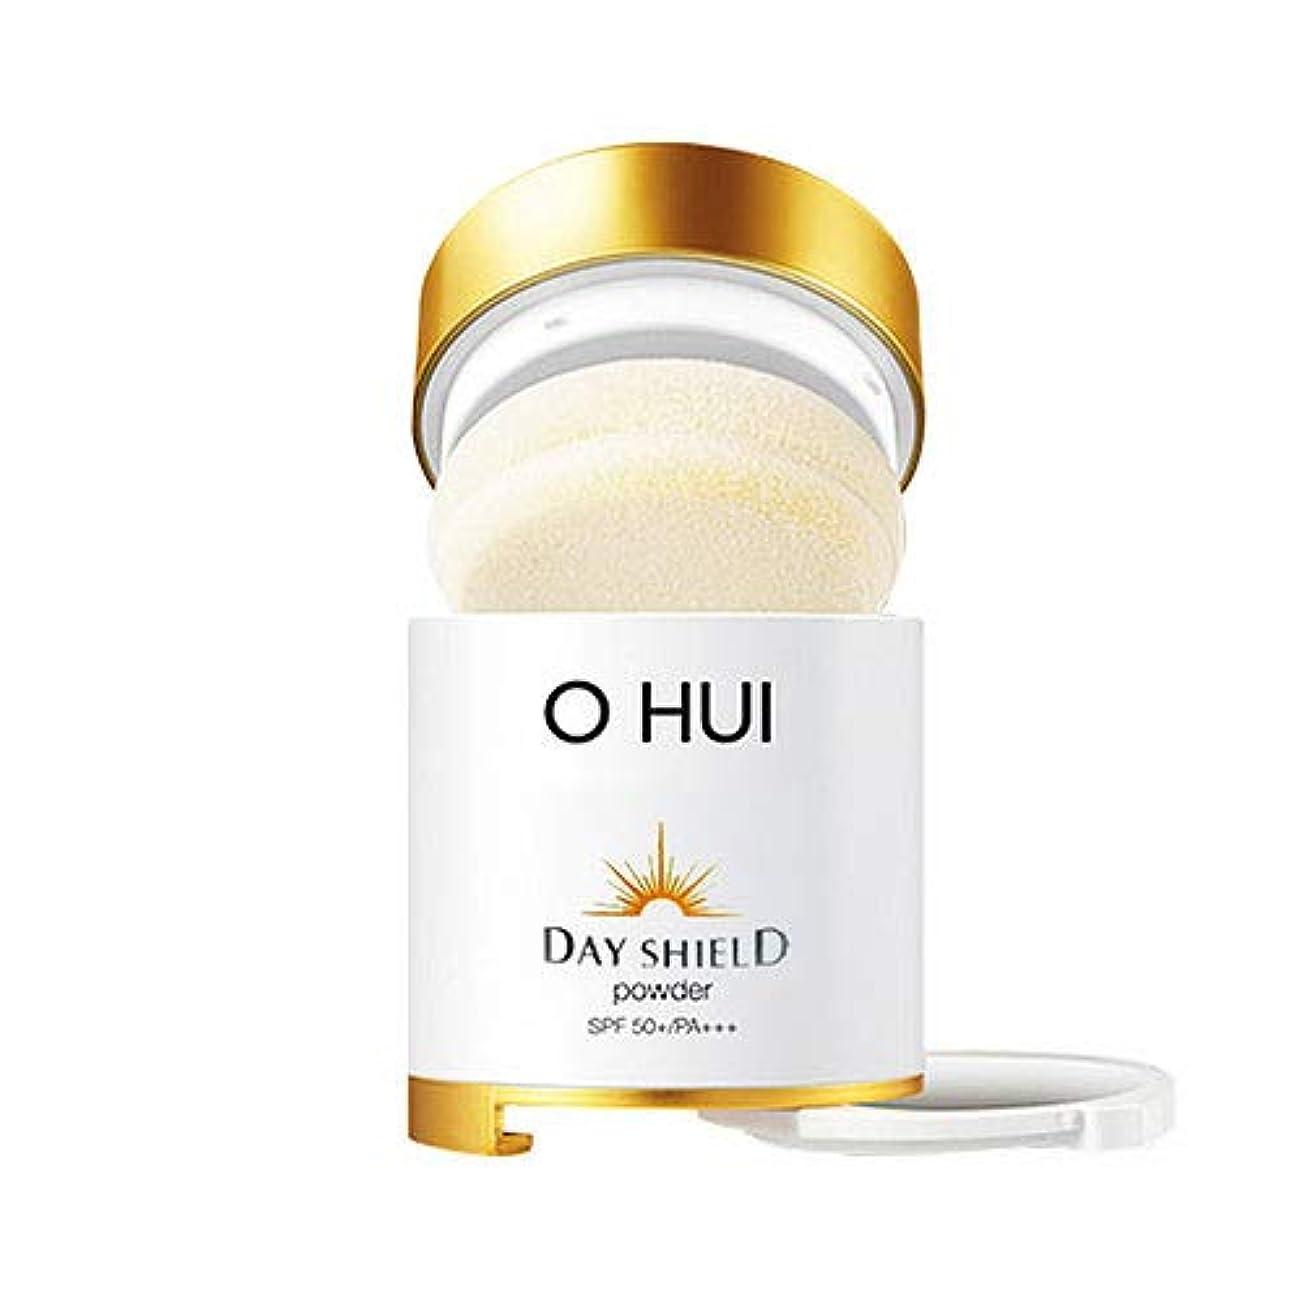 植生並外れて戸棚オフィ デイシールドサンパウダー 20g OHUI Day Shield Sun Powder (# beige) [並行輸入品]